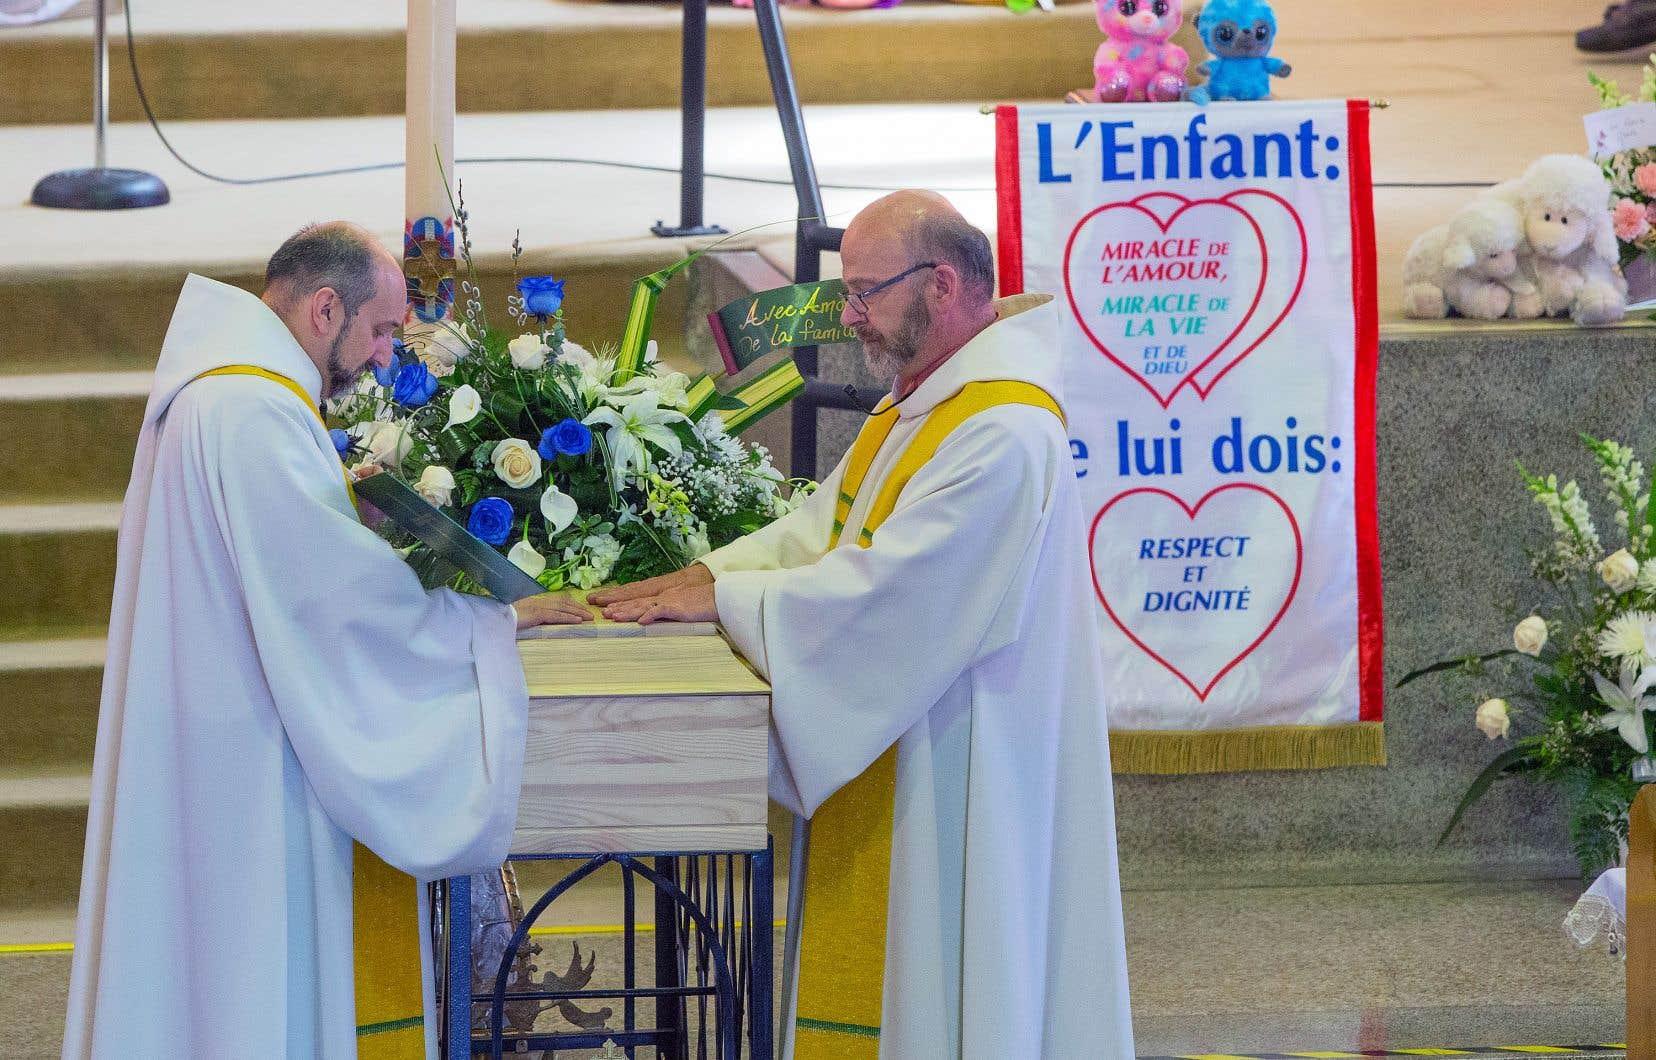 La cérémonie a alterné les prières et les chants religieux abordant la souffrance vécue par les enfants et l'amour qu'on devrait leur offrir.